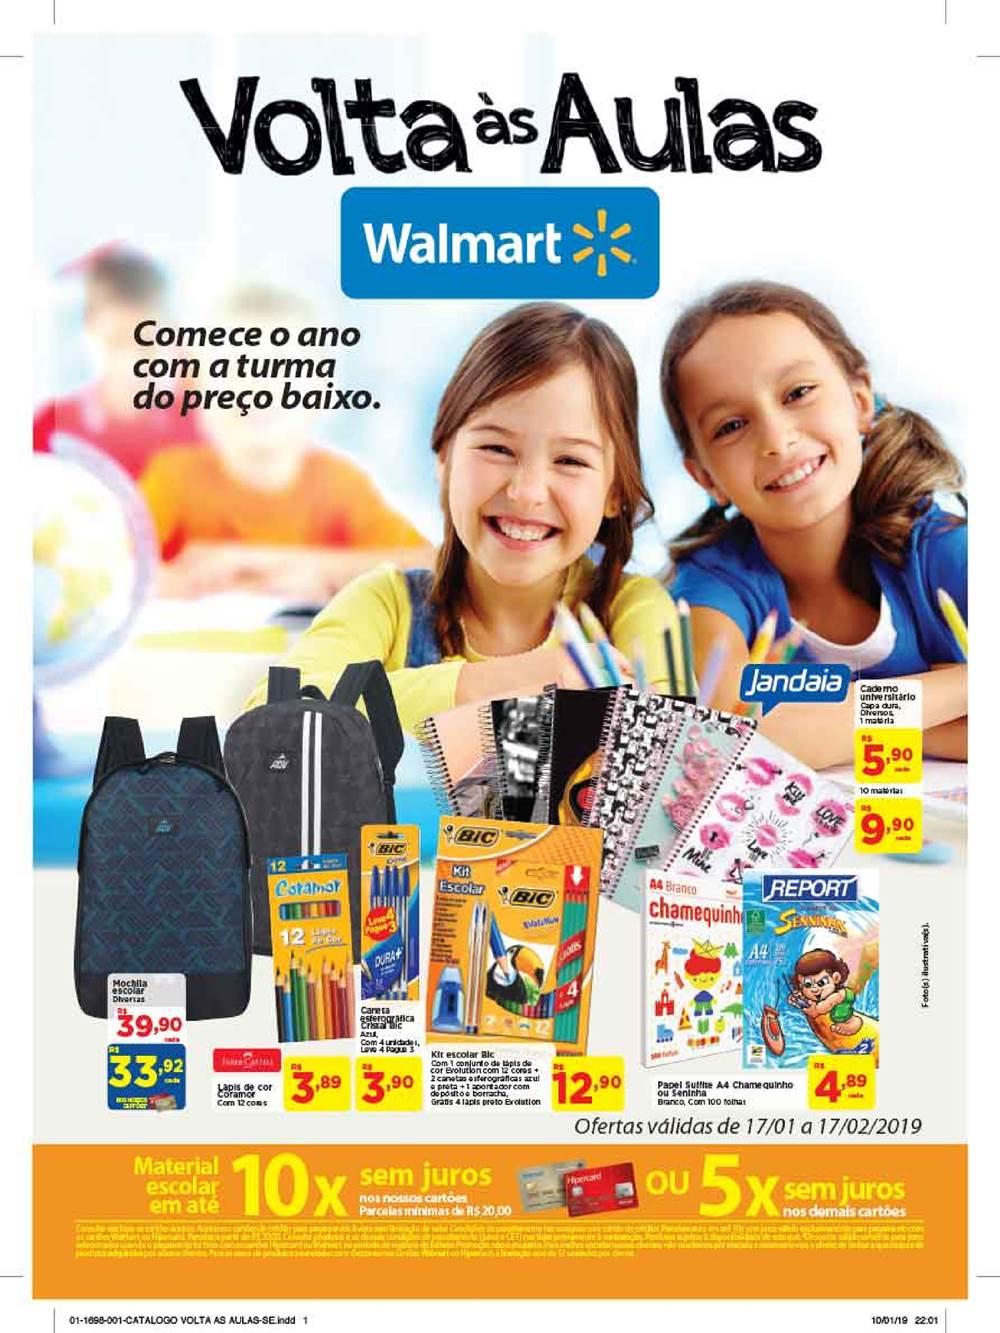 Ofertas-Walmart1-4 Folhetos- Saldão